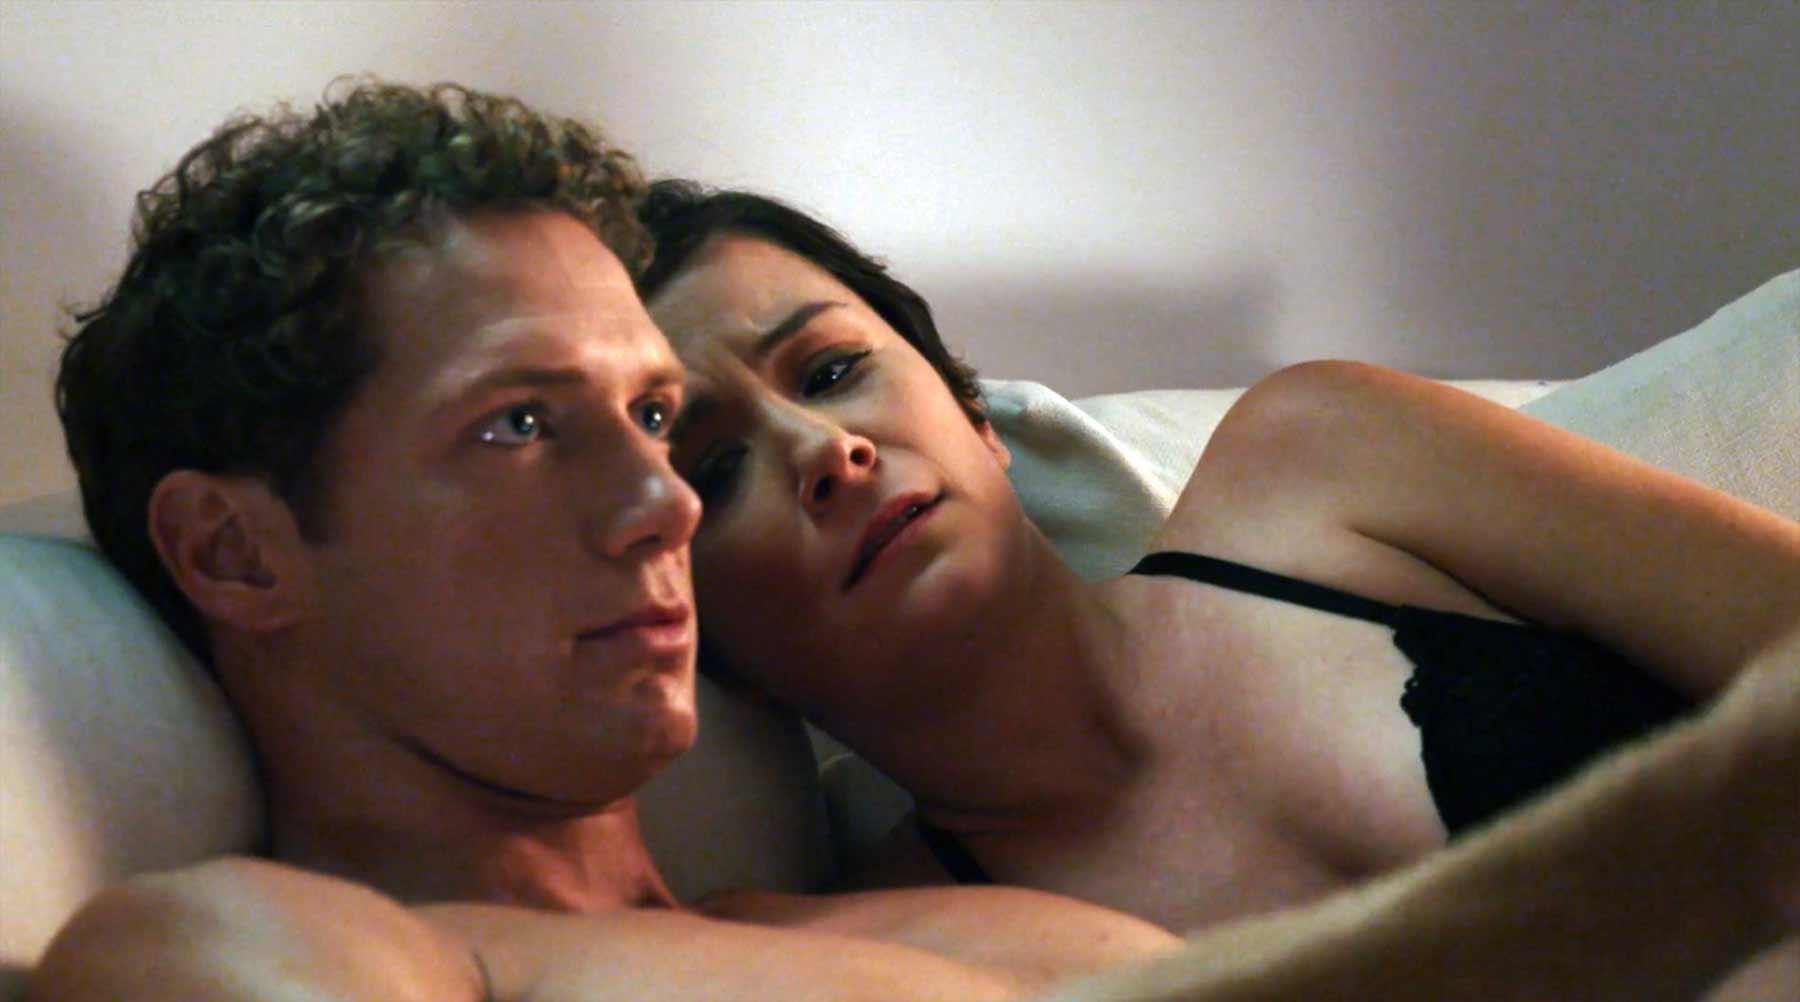 Wenn der Sex-Partner einfach nicht mit dem Masturbieren aufhören will